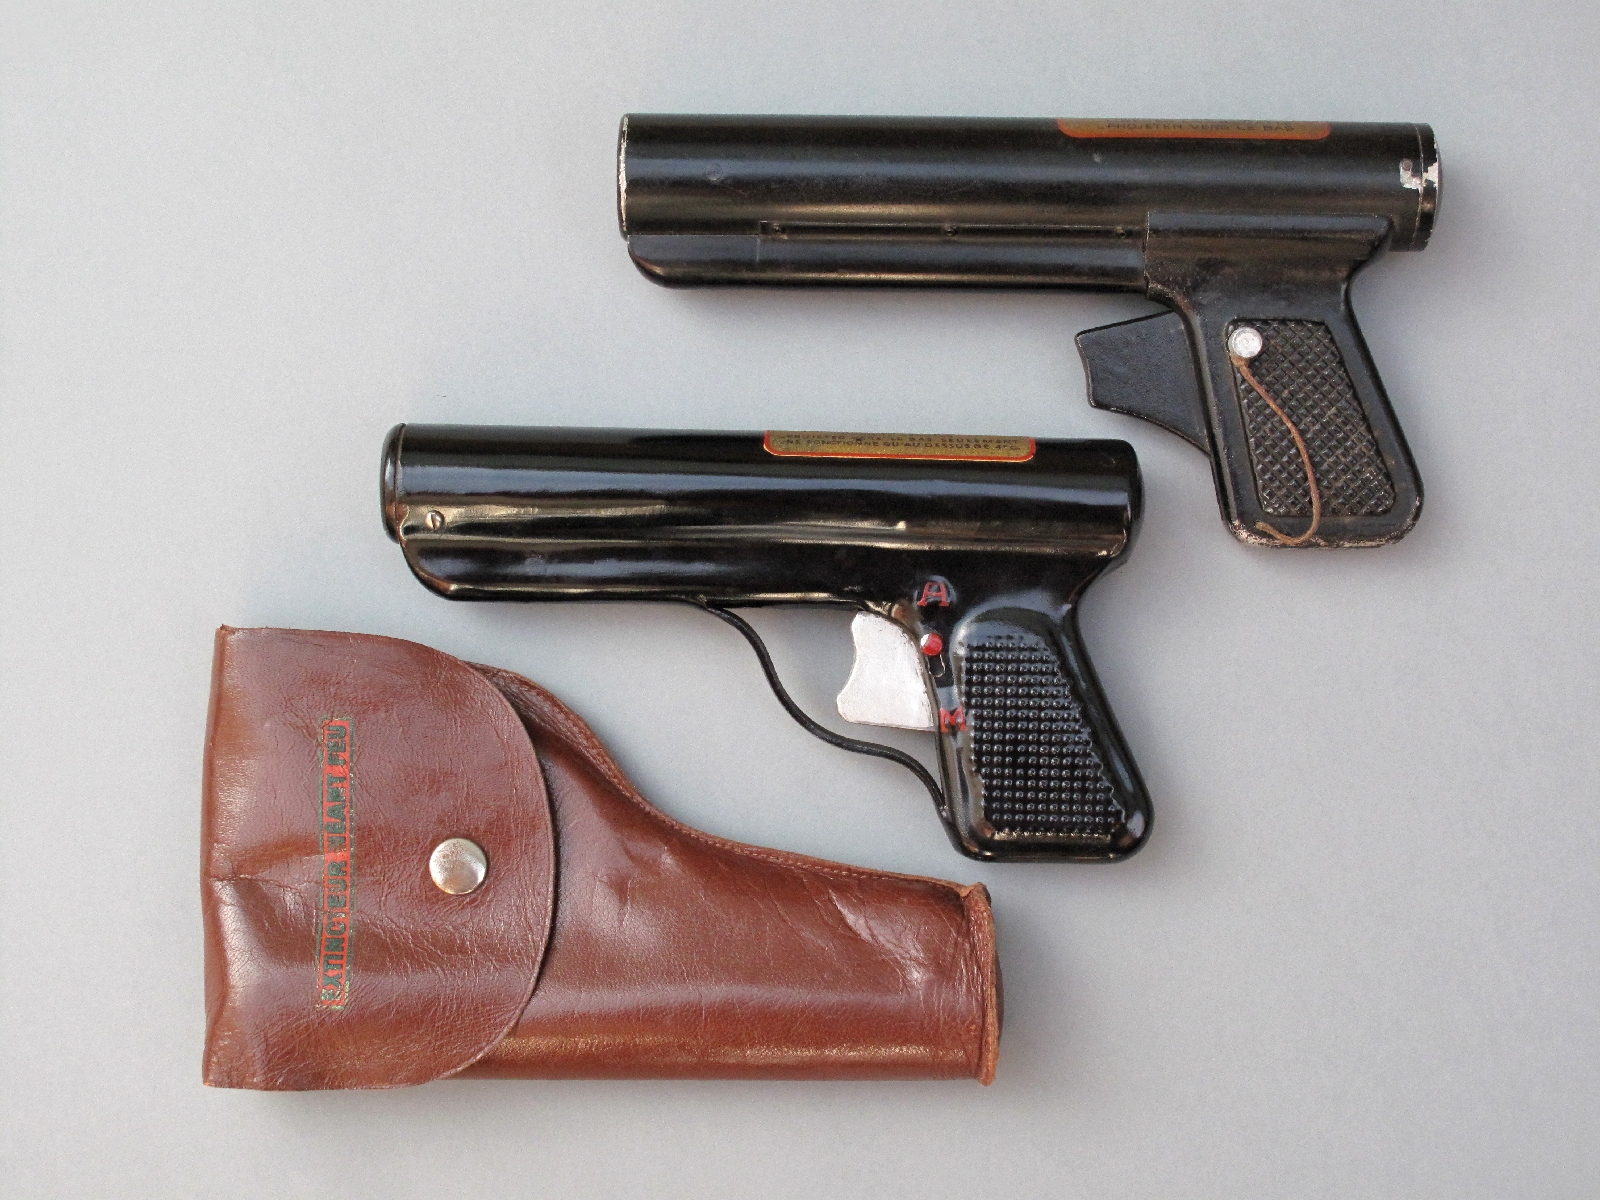 La maison française Néant-Feu a fabriqué, à compter des années 1940, un pistolet extincteur au bromure de méthyle qui a été successivement construit en bakélite, en aluminium et en tôle d'acier.